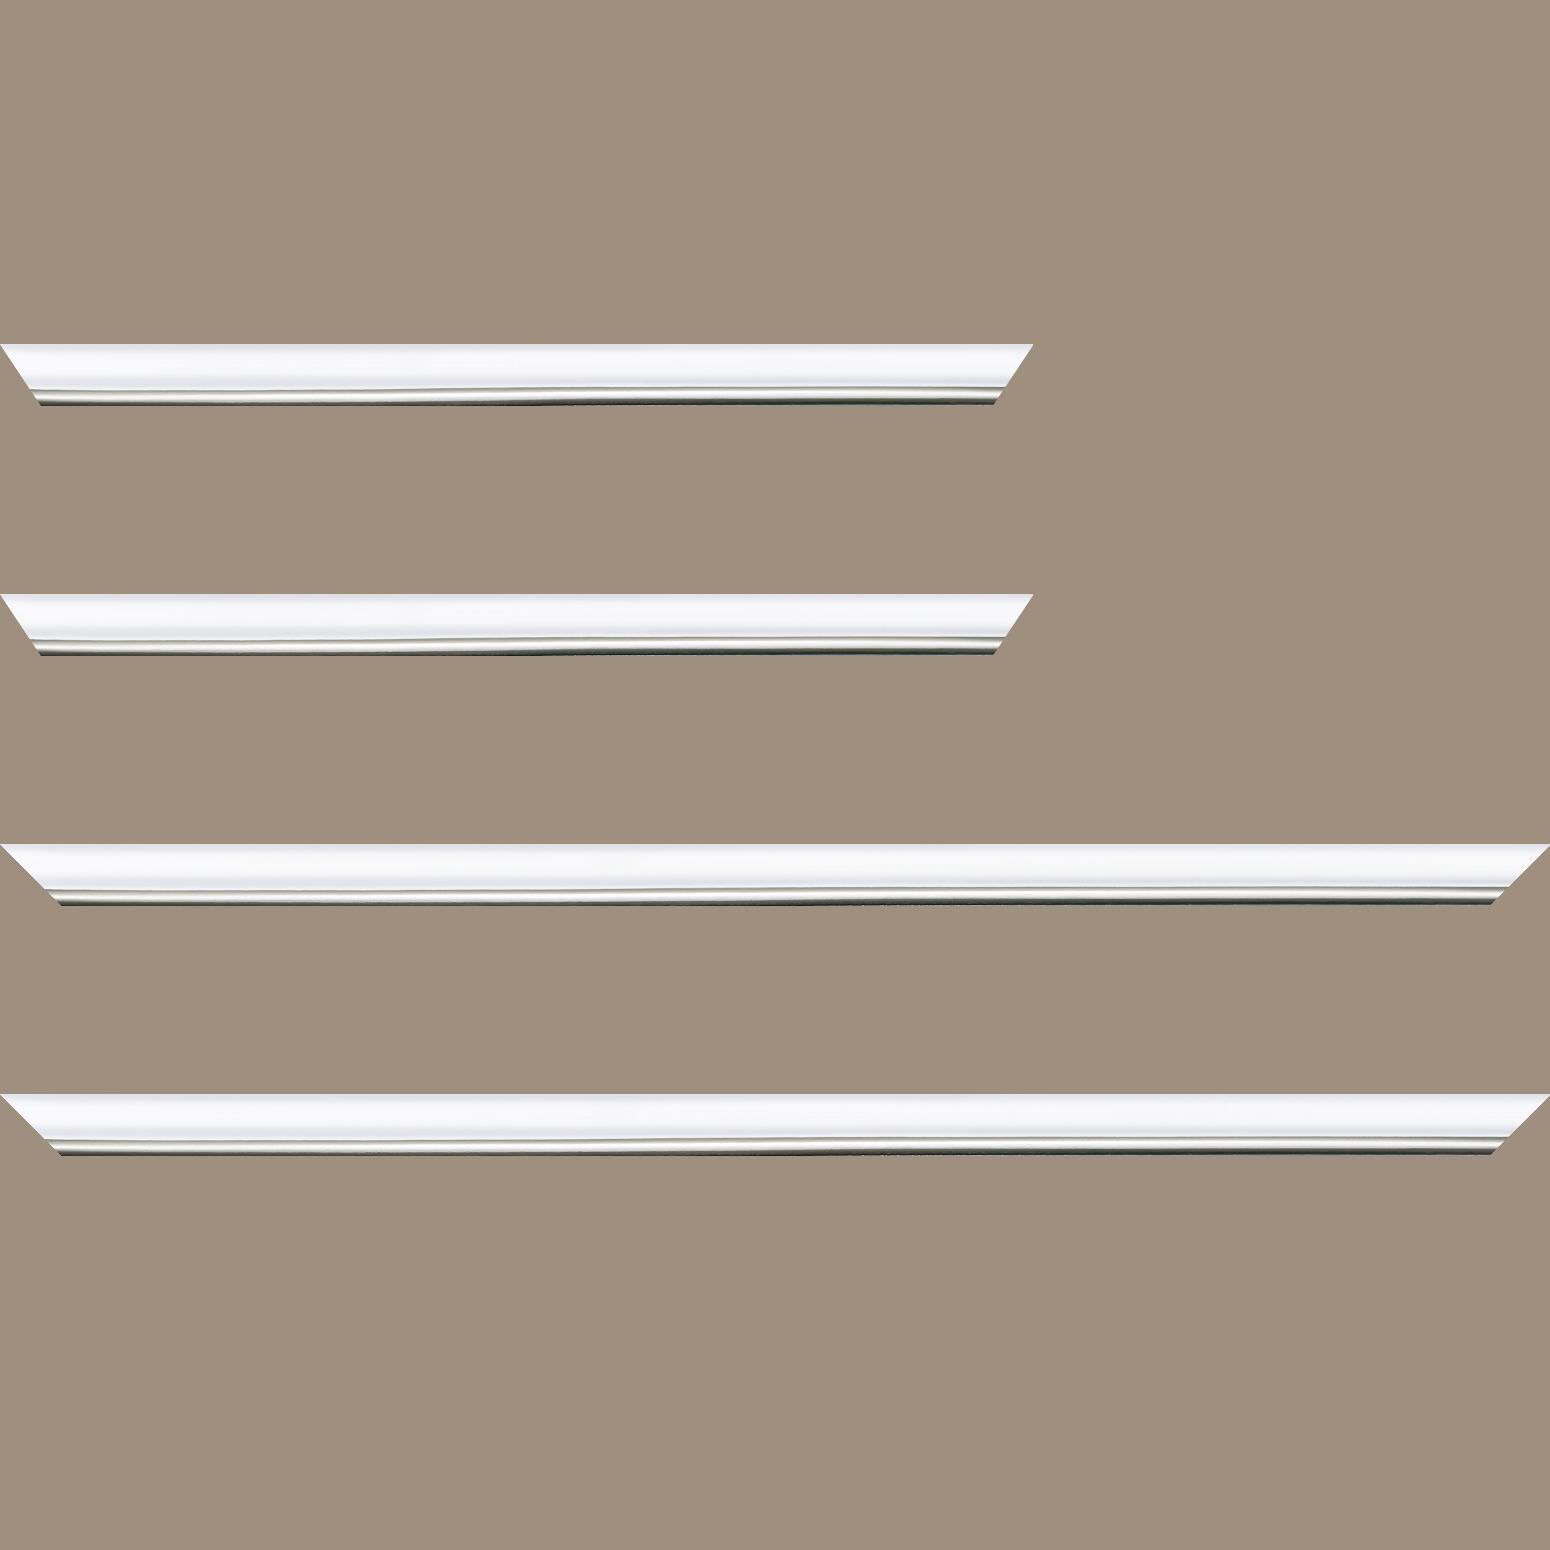 Baguette service précoupé Bois profil arrondi largeur 2.1cm couleur blanc mat filet argent